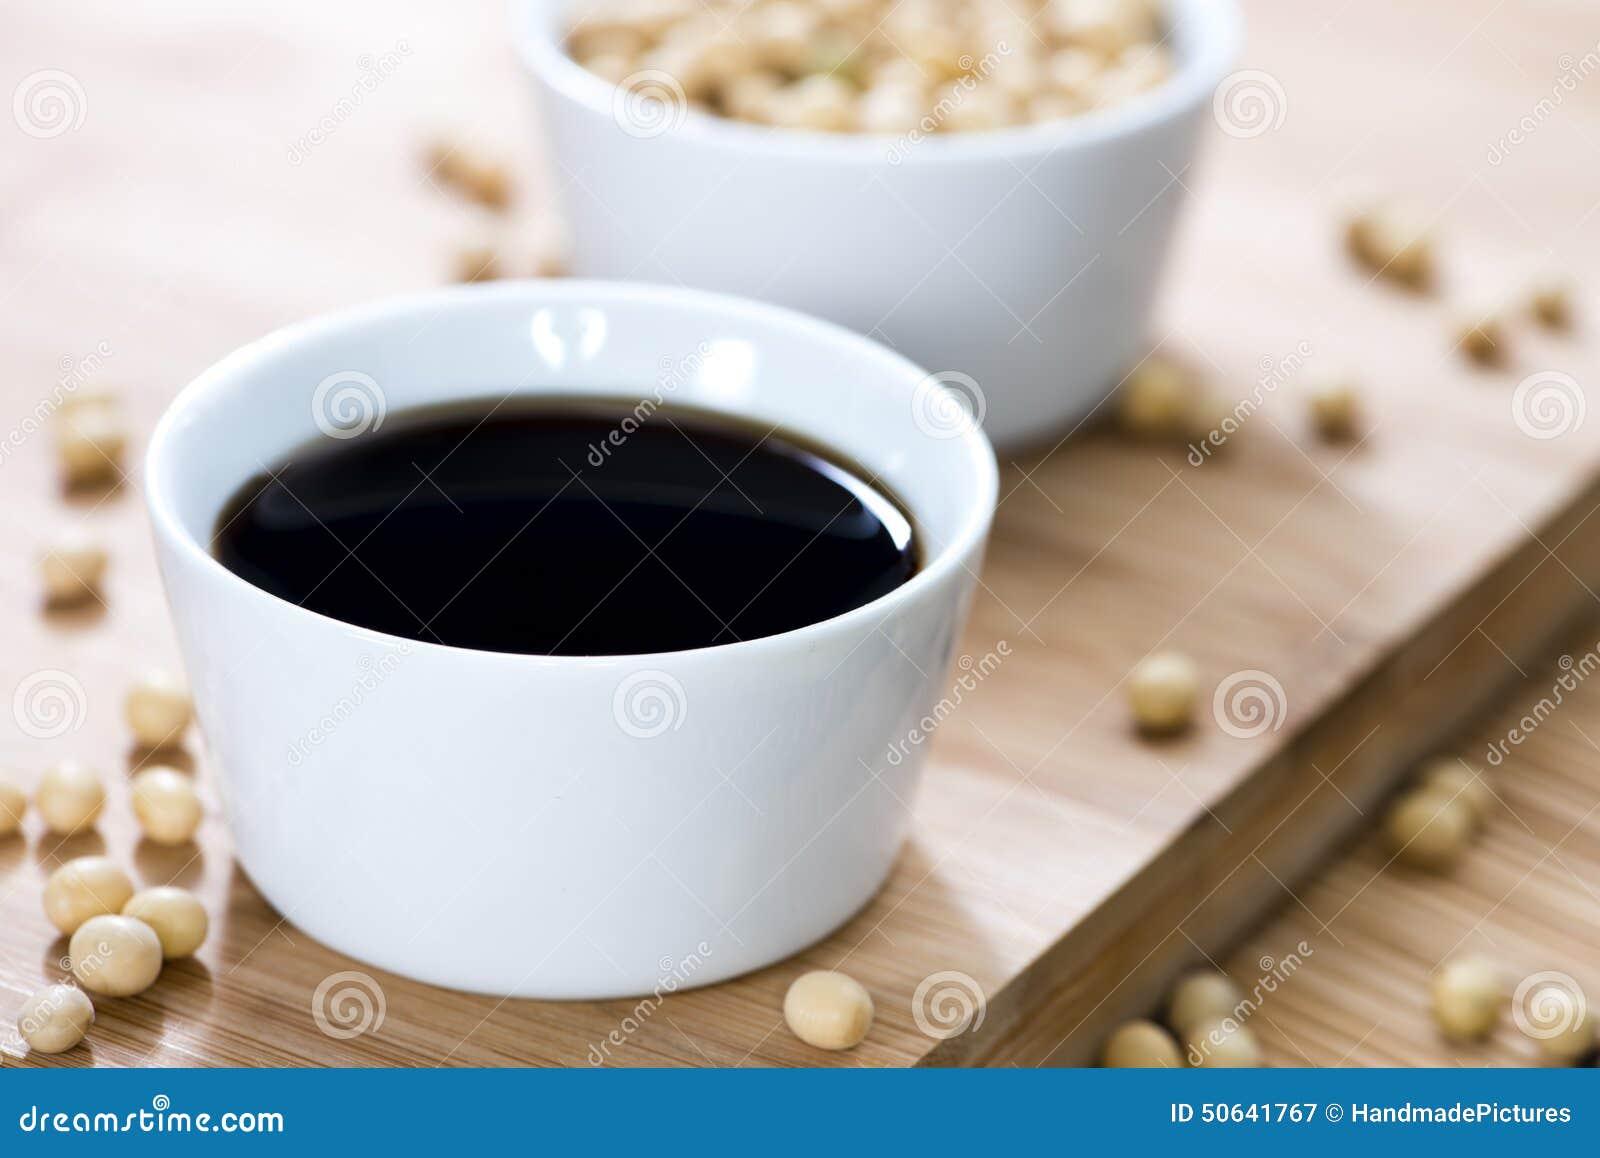 Molho de soja escuro